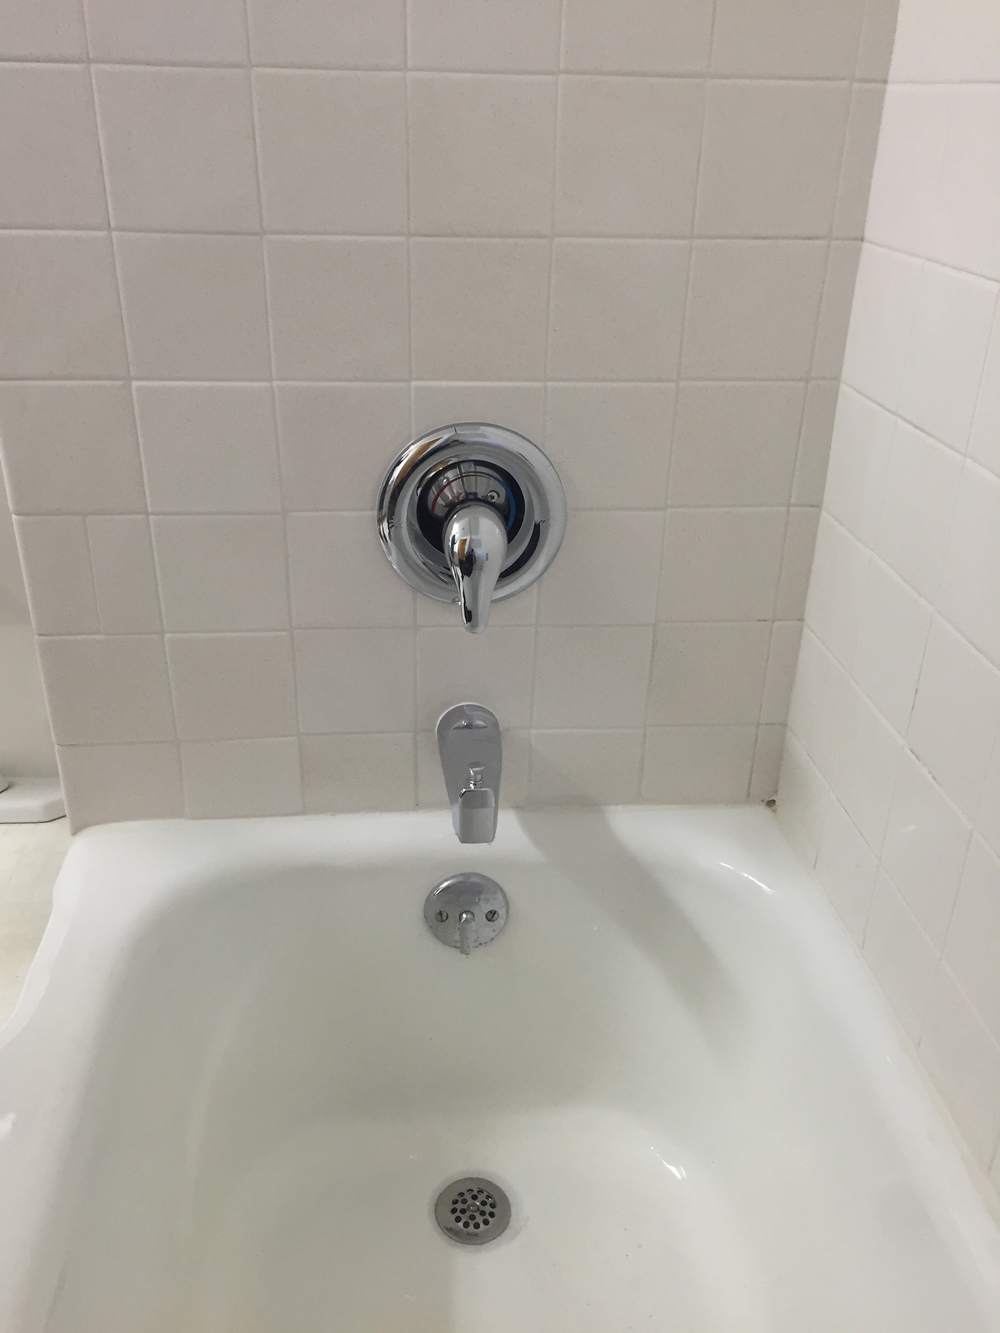 Shower valve after.